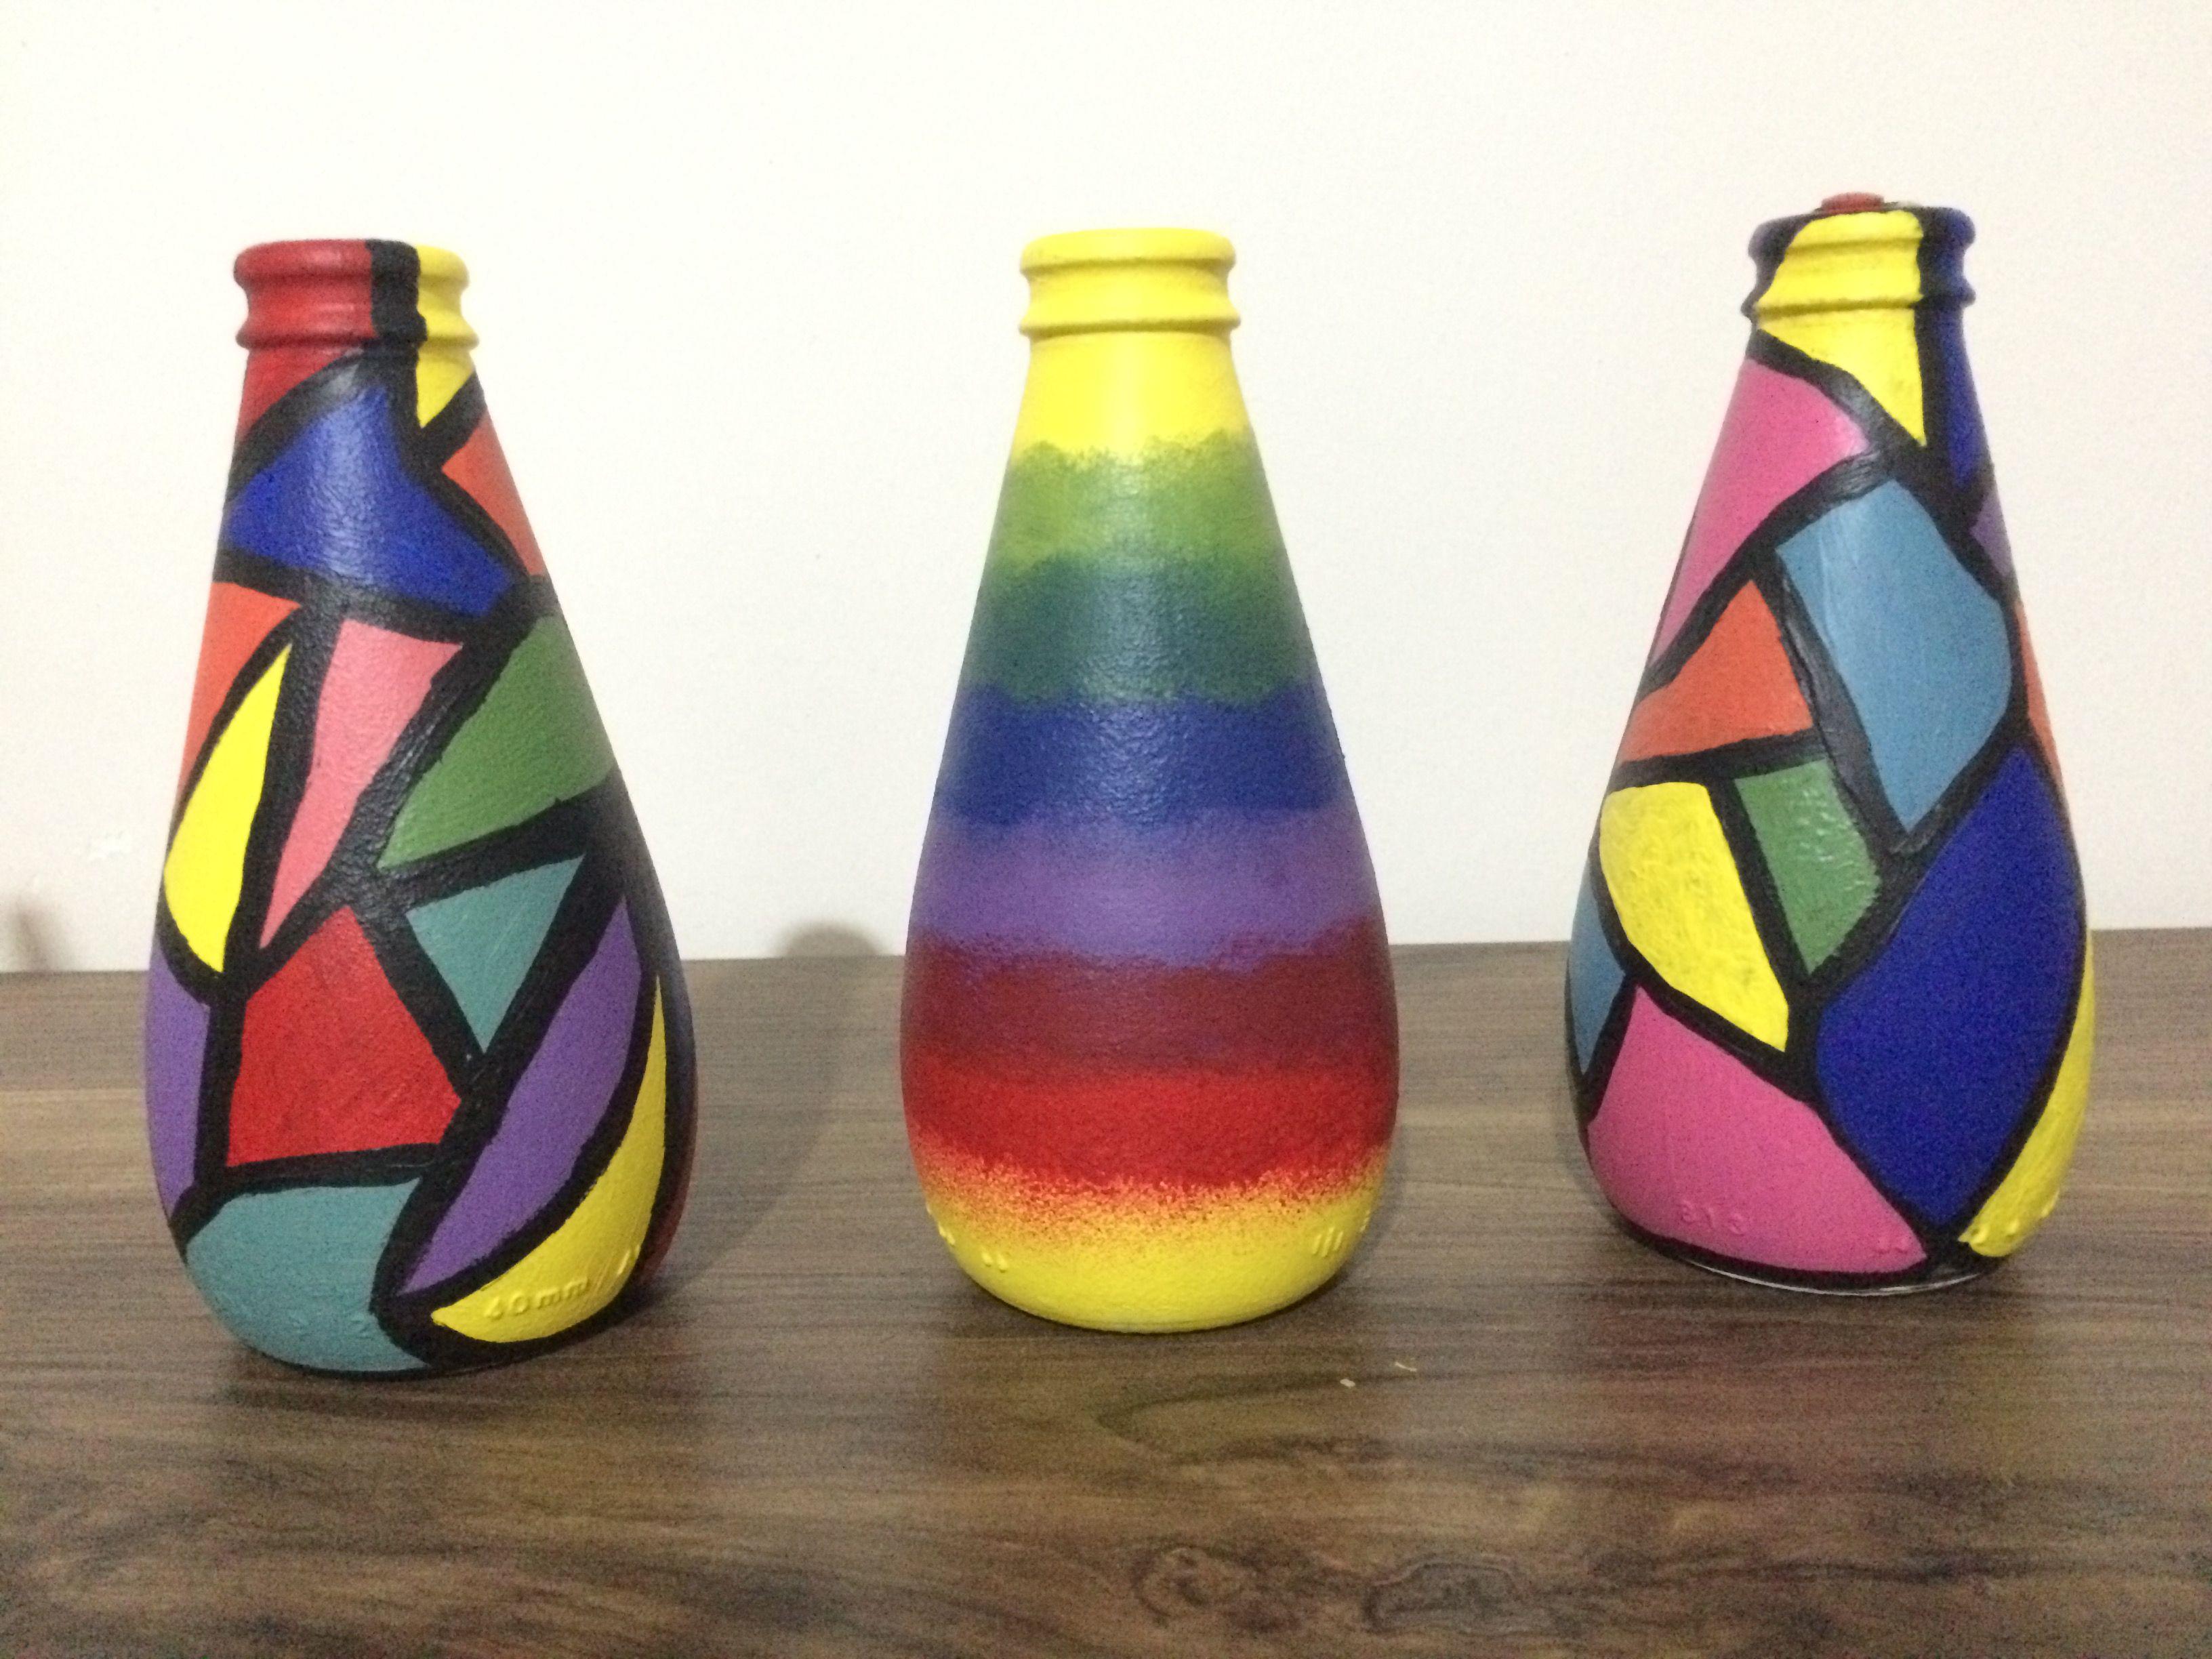 Vazo Sise Boyama Art Artcraft Avsar Soda Sisesi Glass Painting Kavanoz Elisi Kavanoz Projeleri Sise